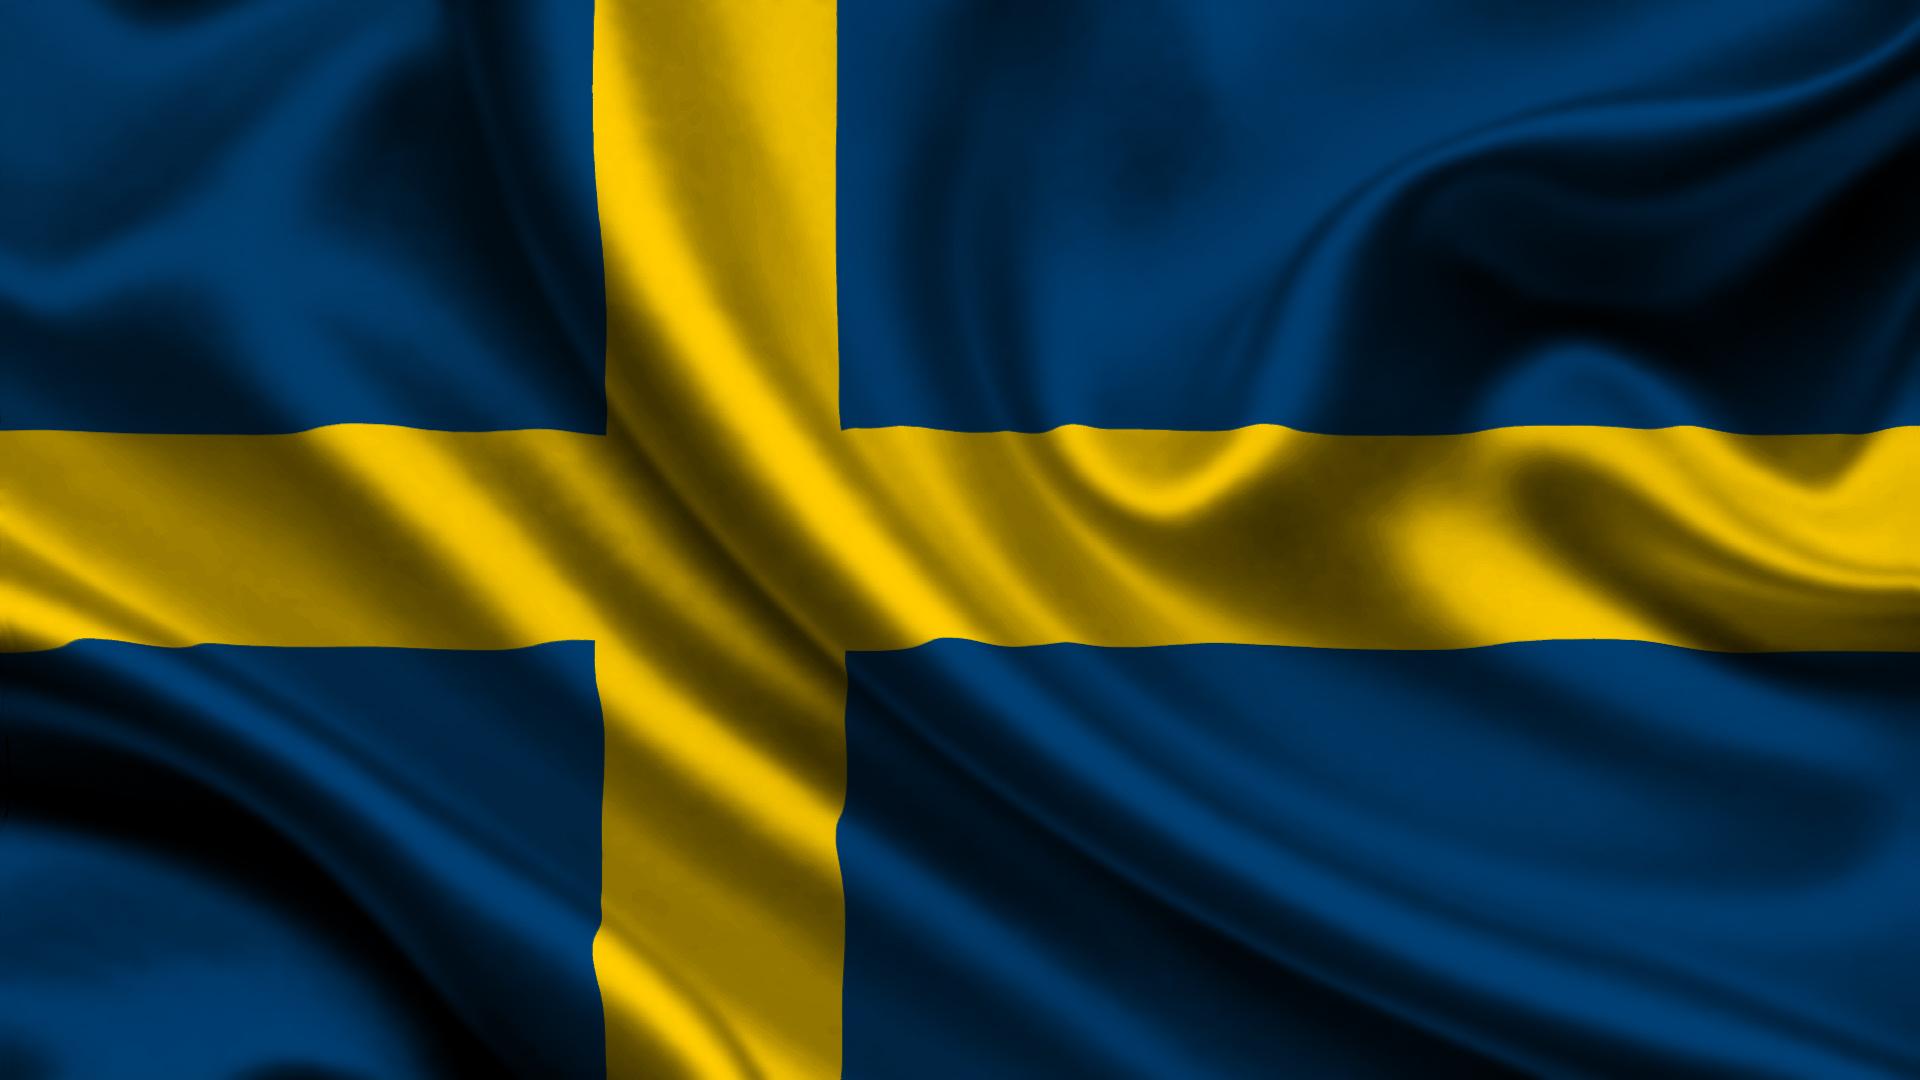 Смайлик ВК  Флаг Швеции Код картинка и значение